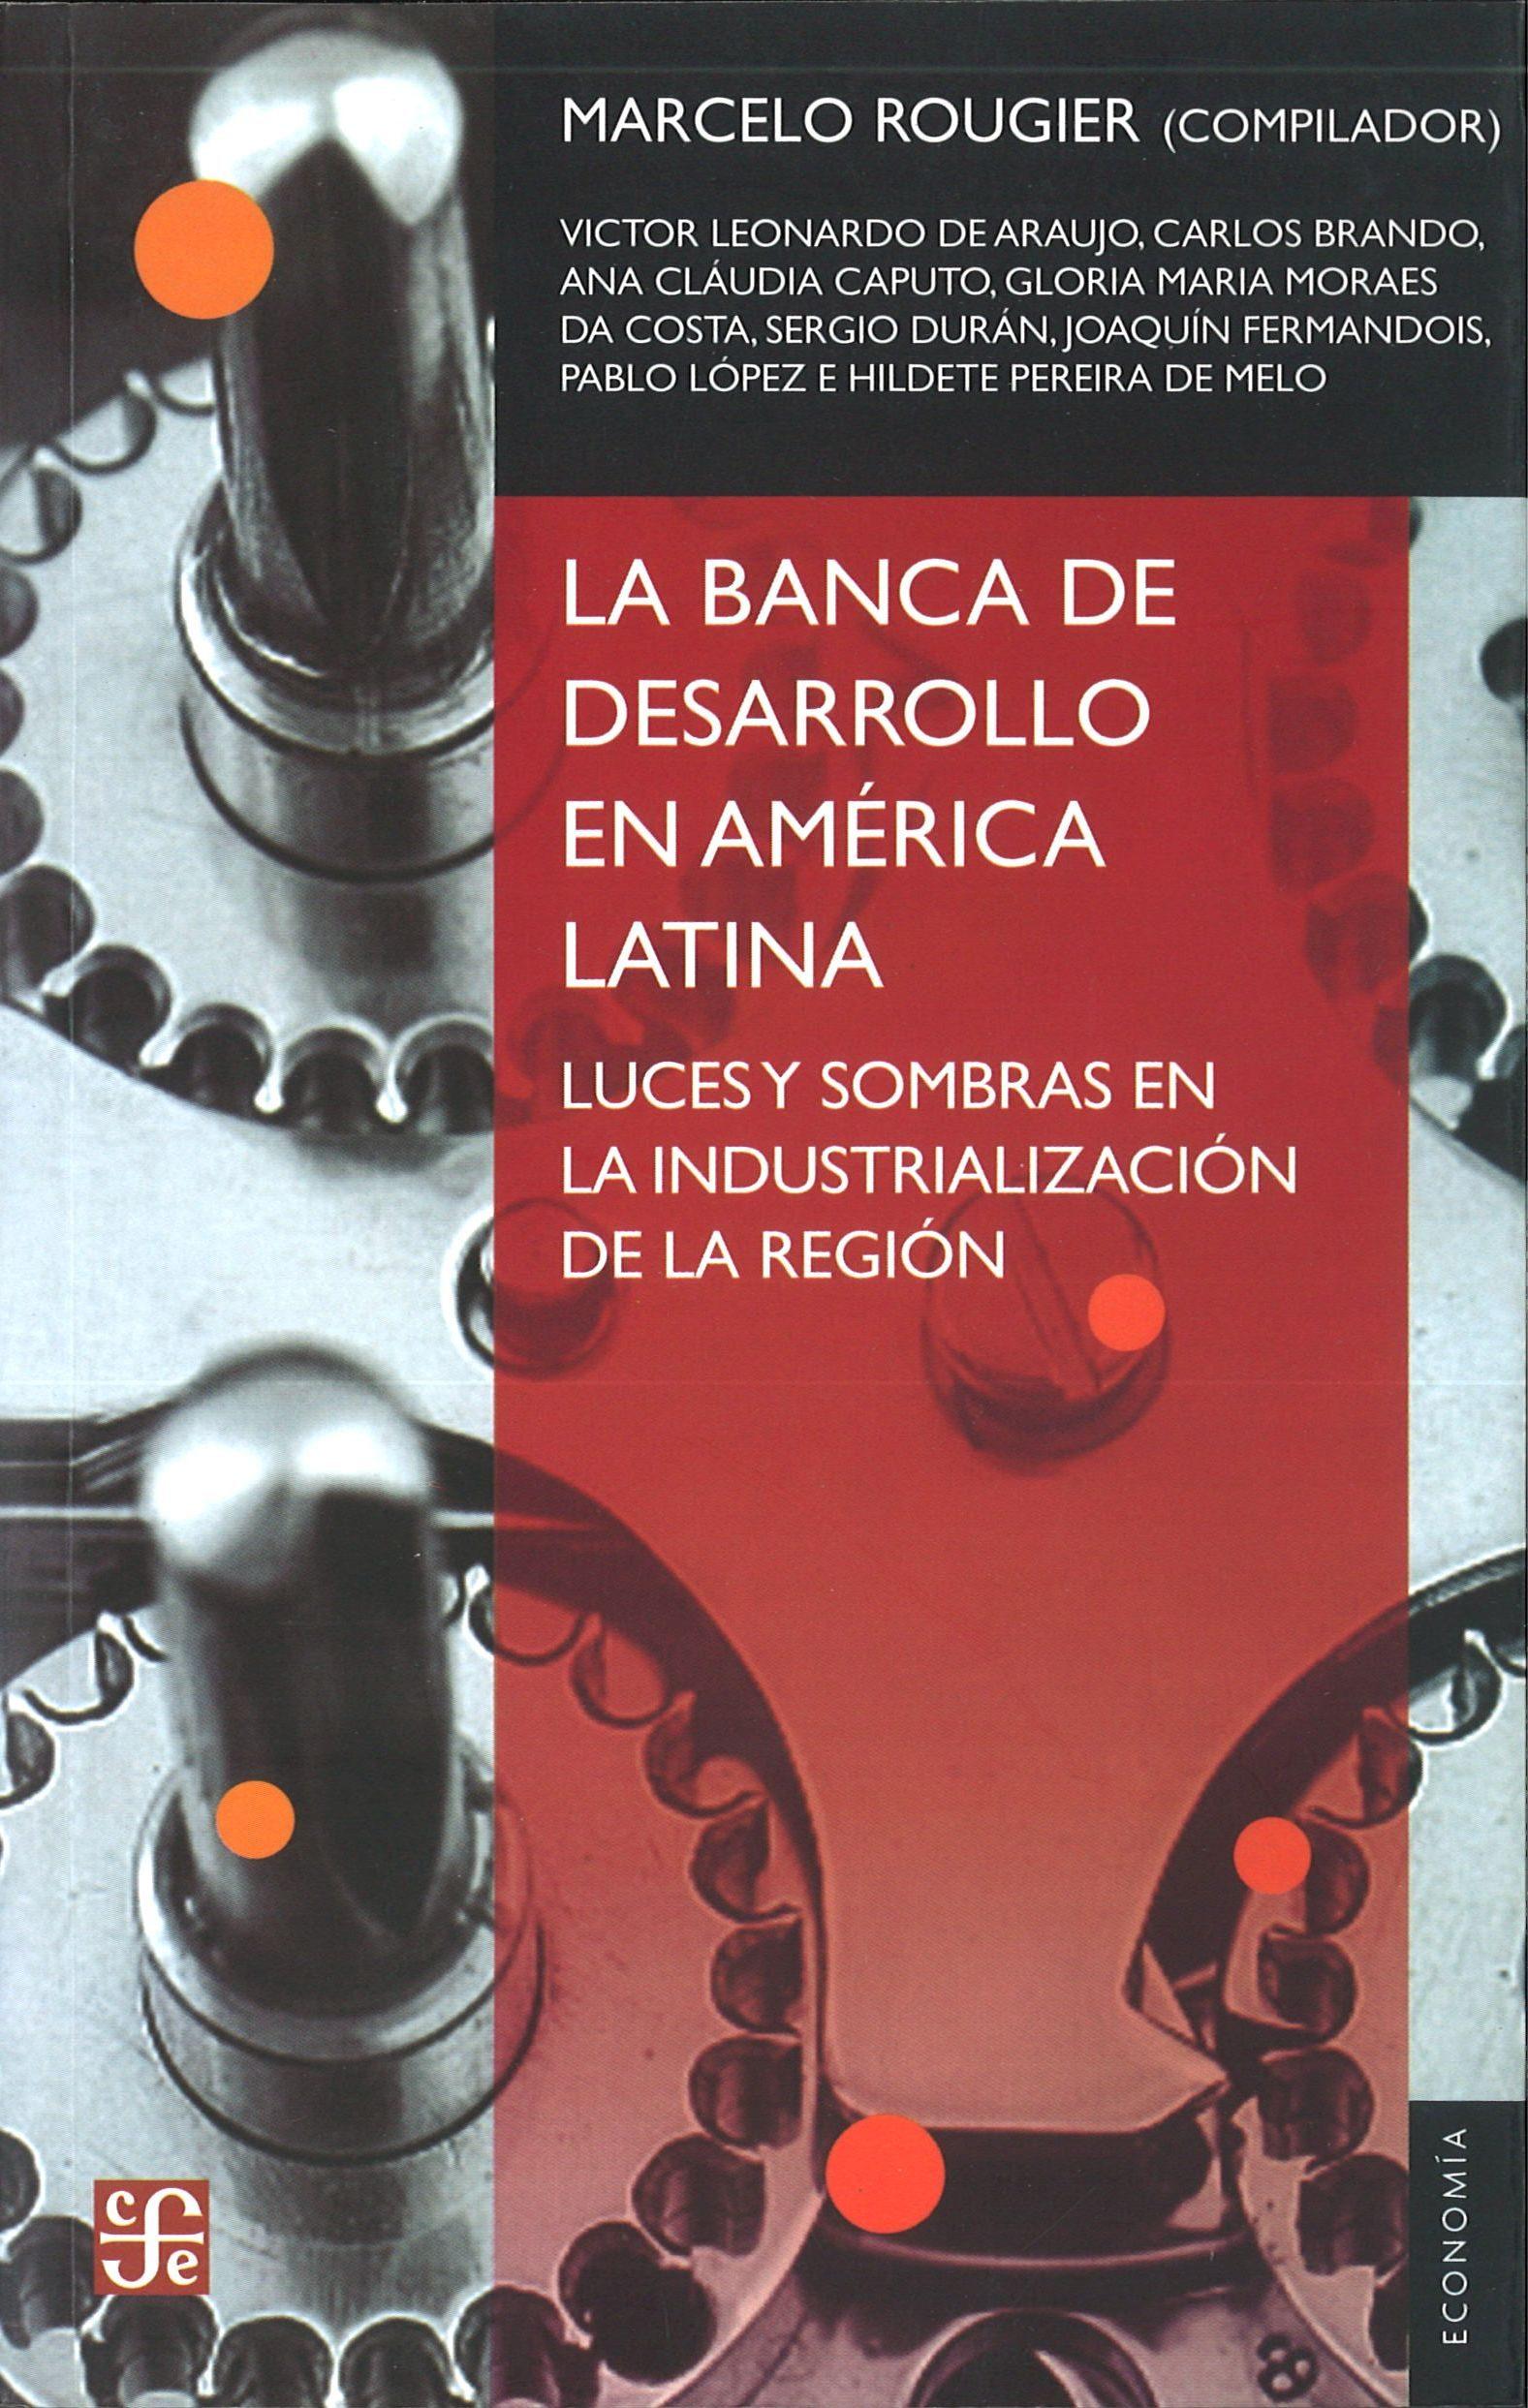 la banca en desarrollo en america latina-marcelo rougier-9789505578924